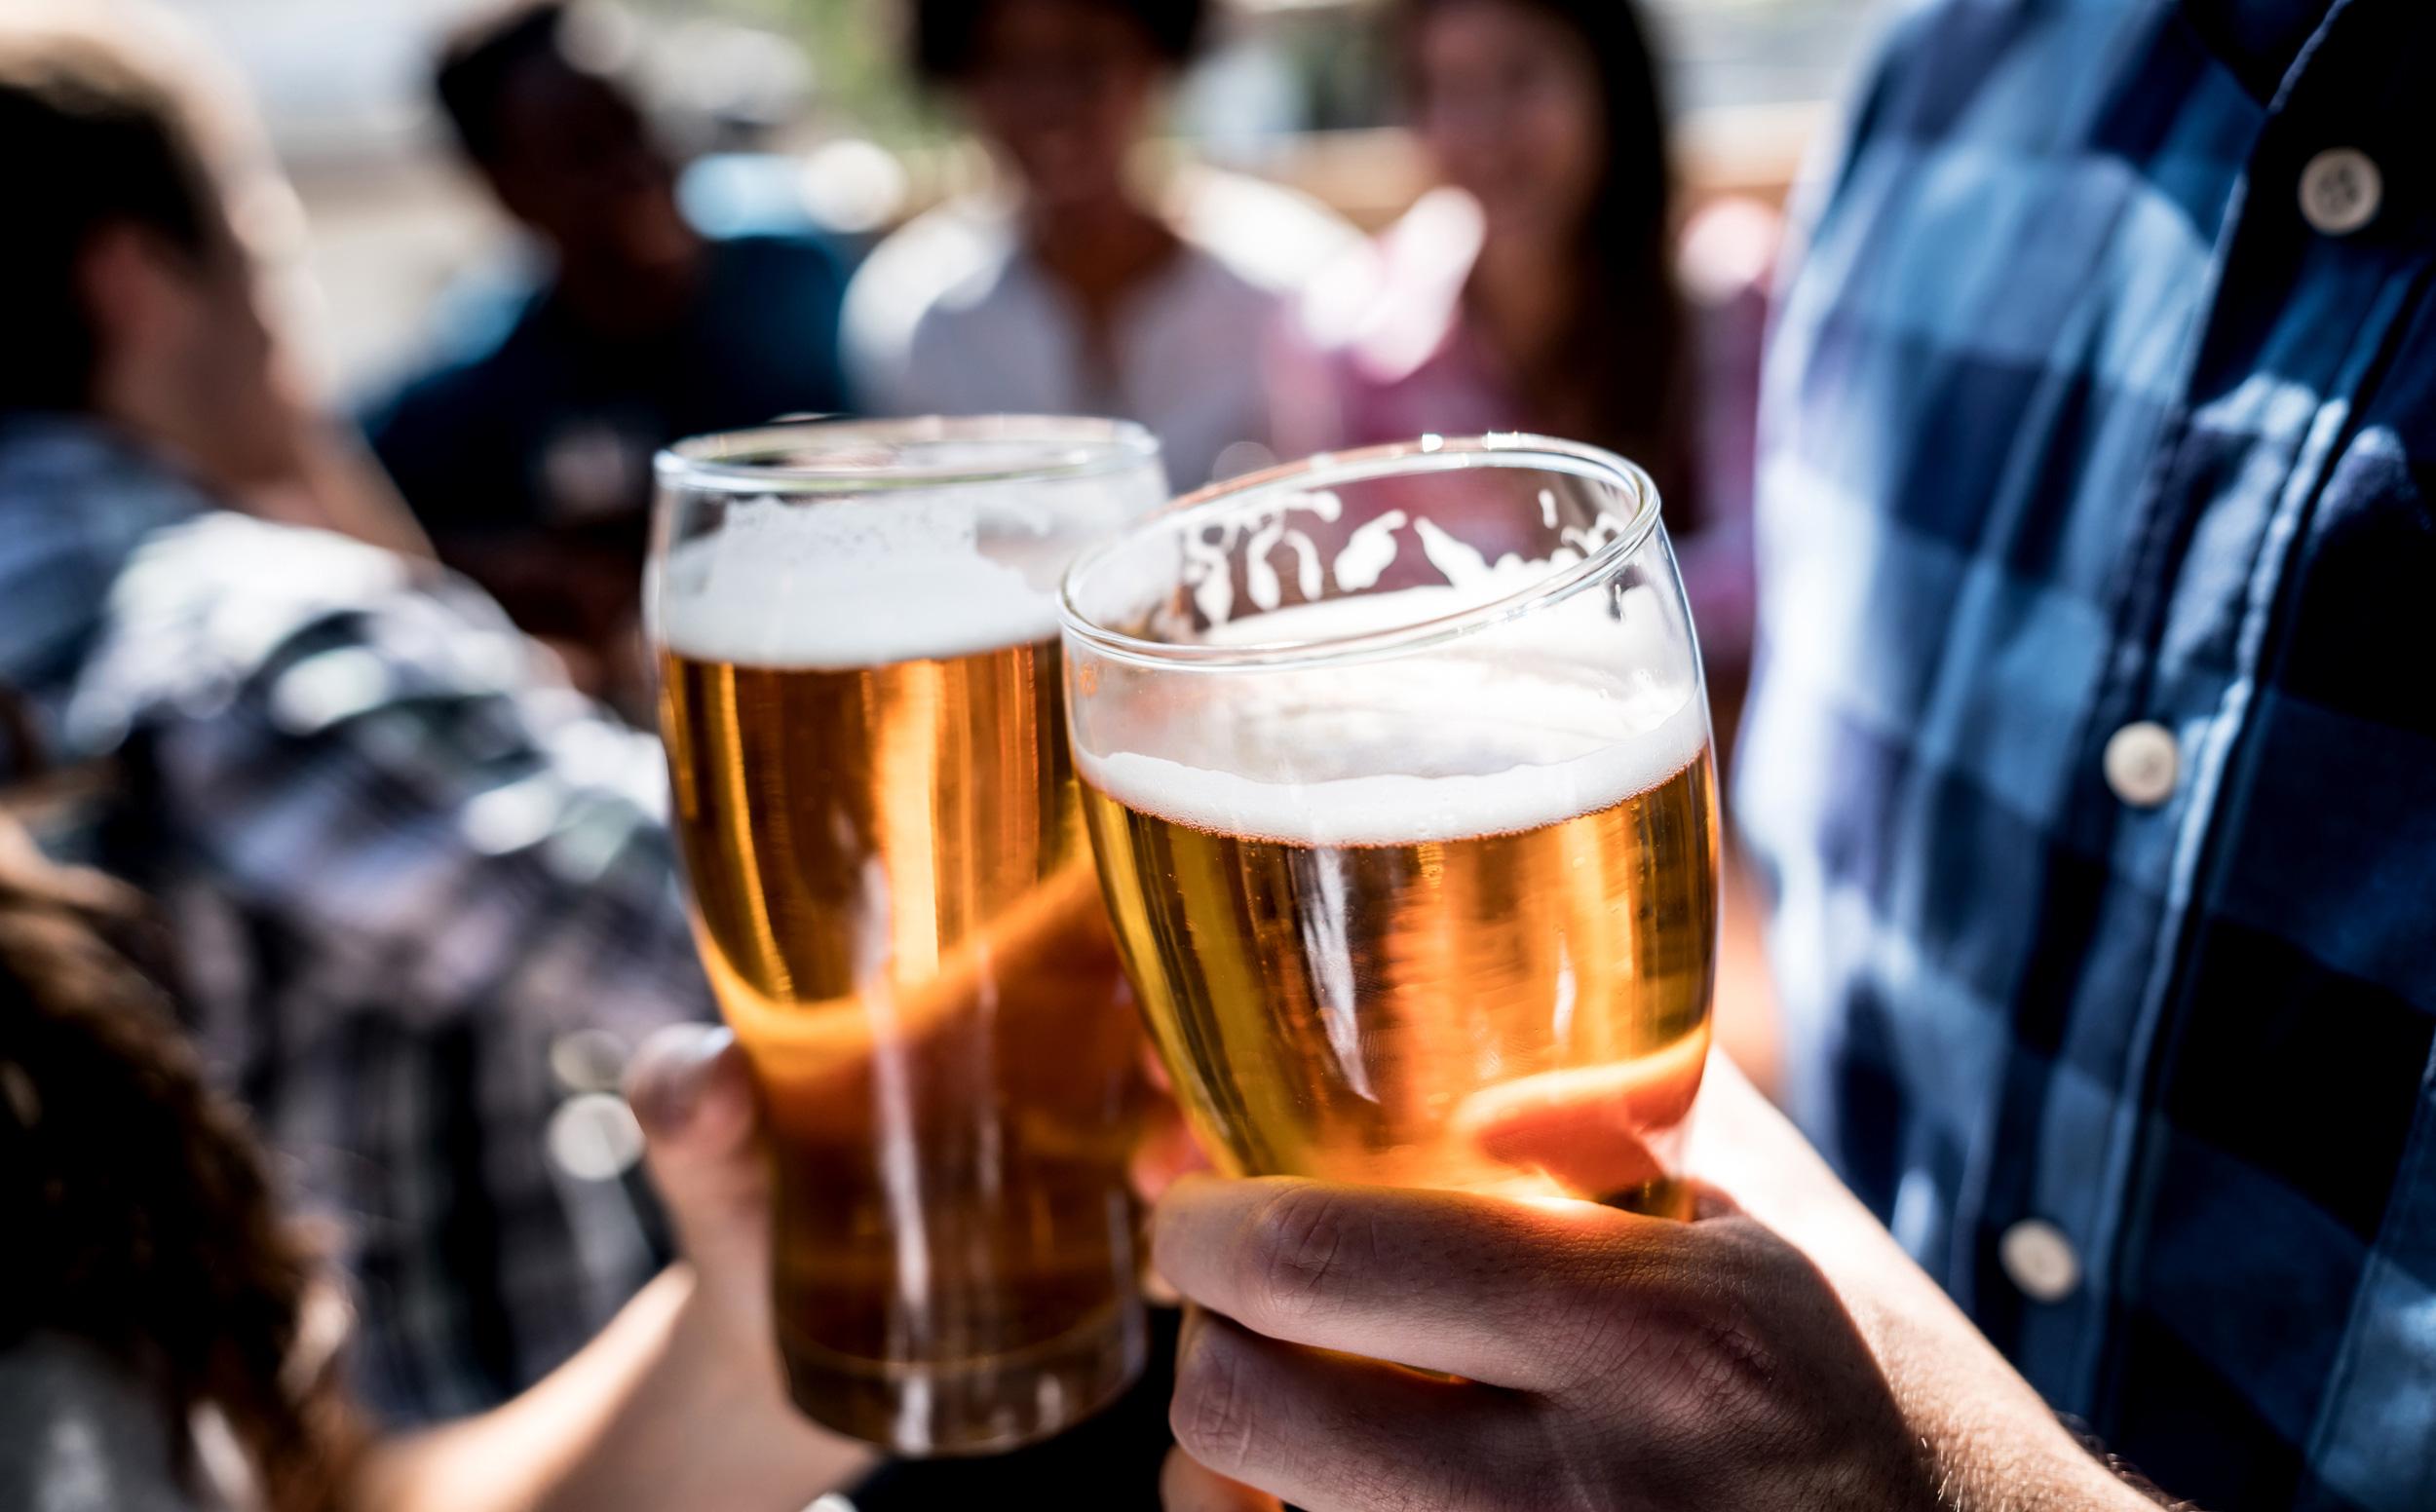 Những thời điểm uống rượu có thể cực kỳ nguy hiểm: Nên tránh để không gây hậu quả cho sức khoẻ